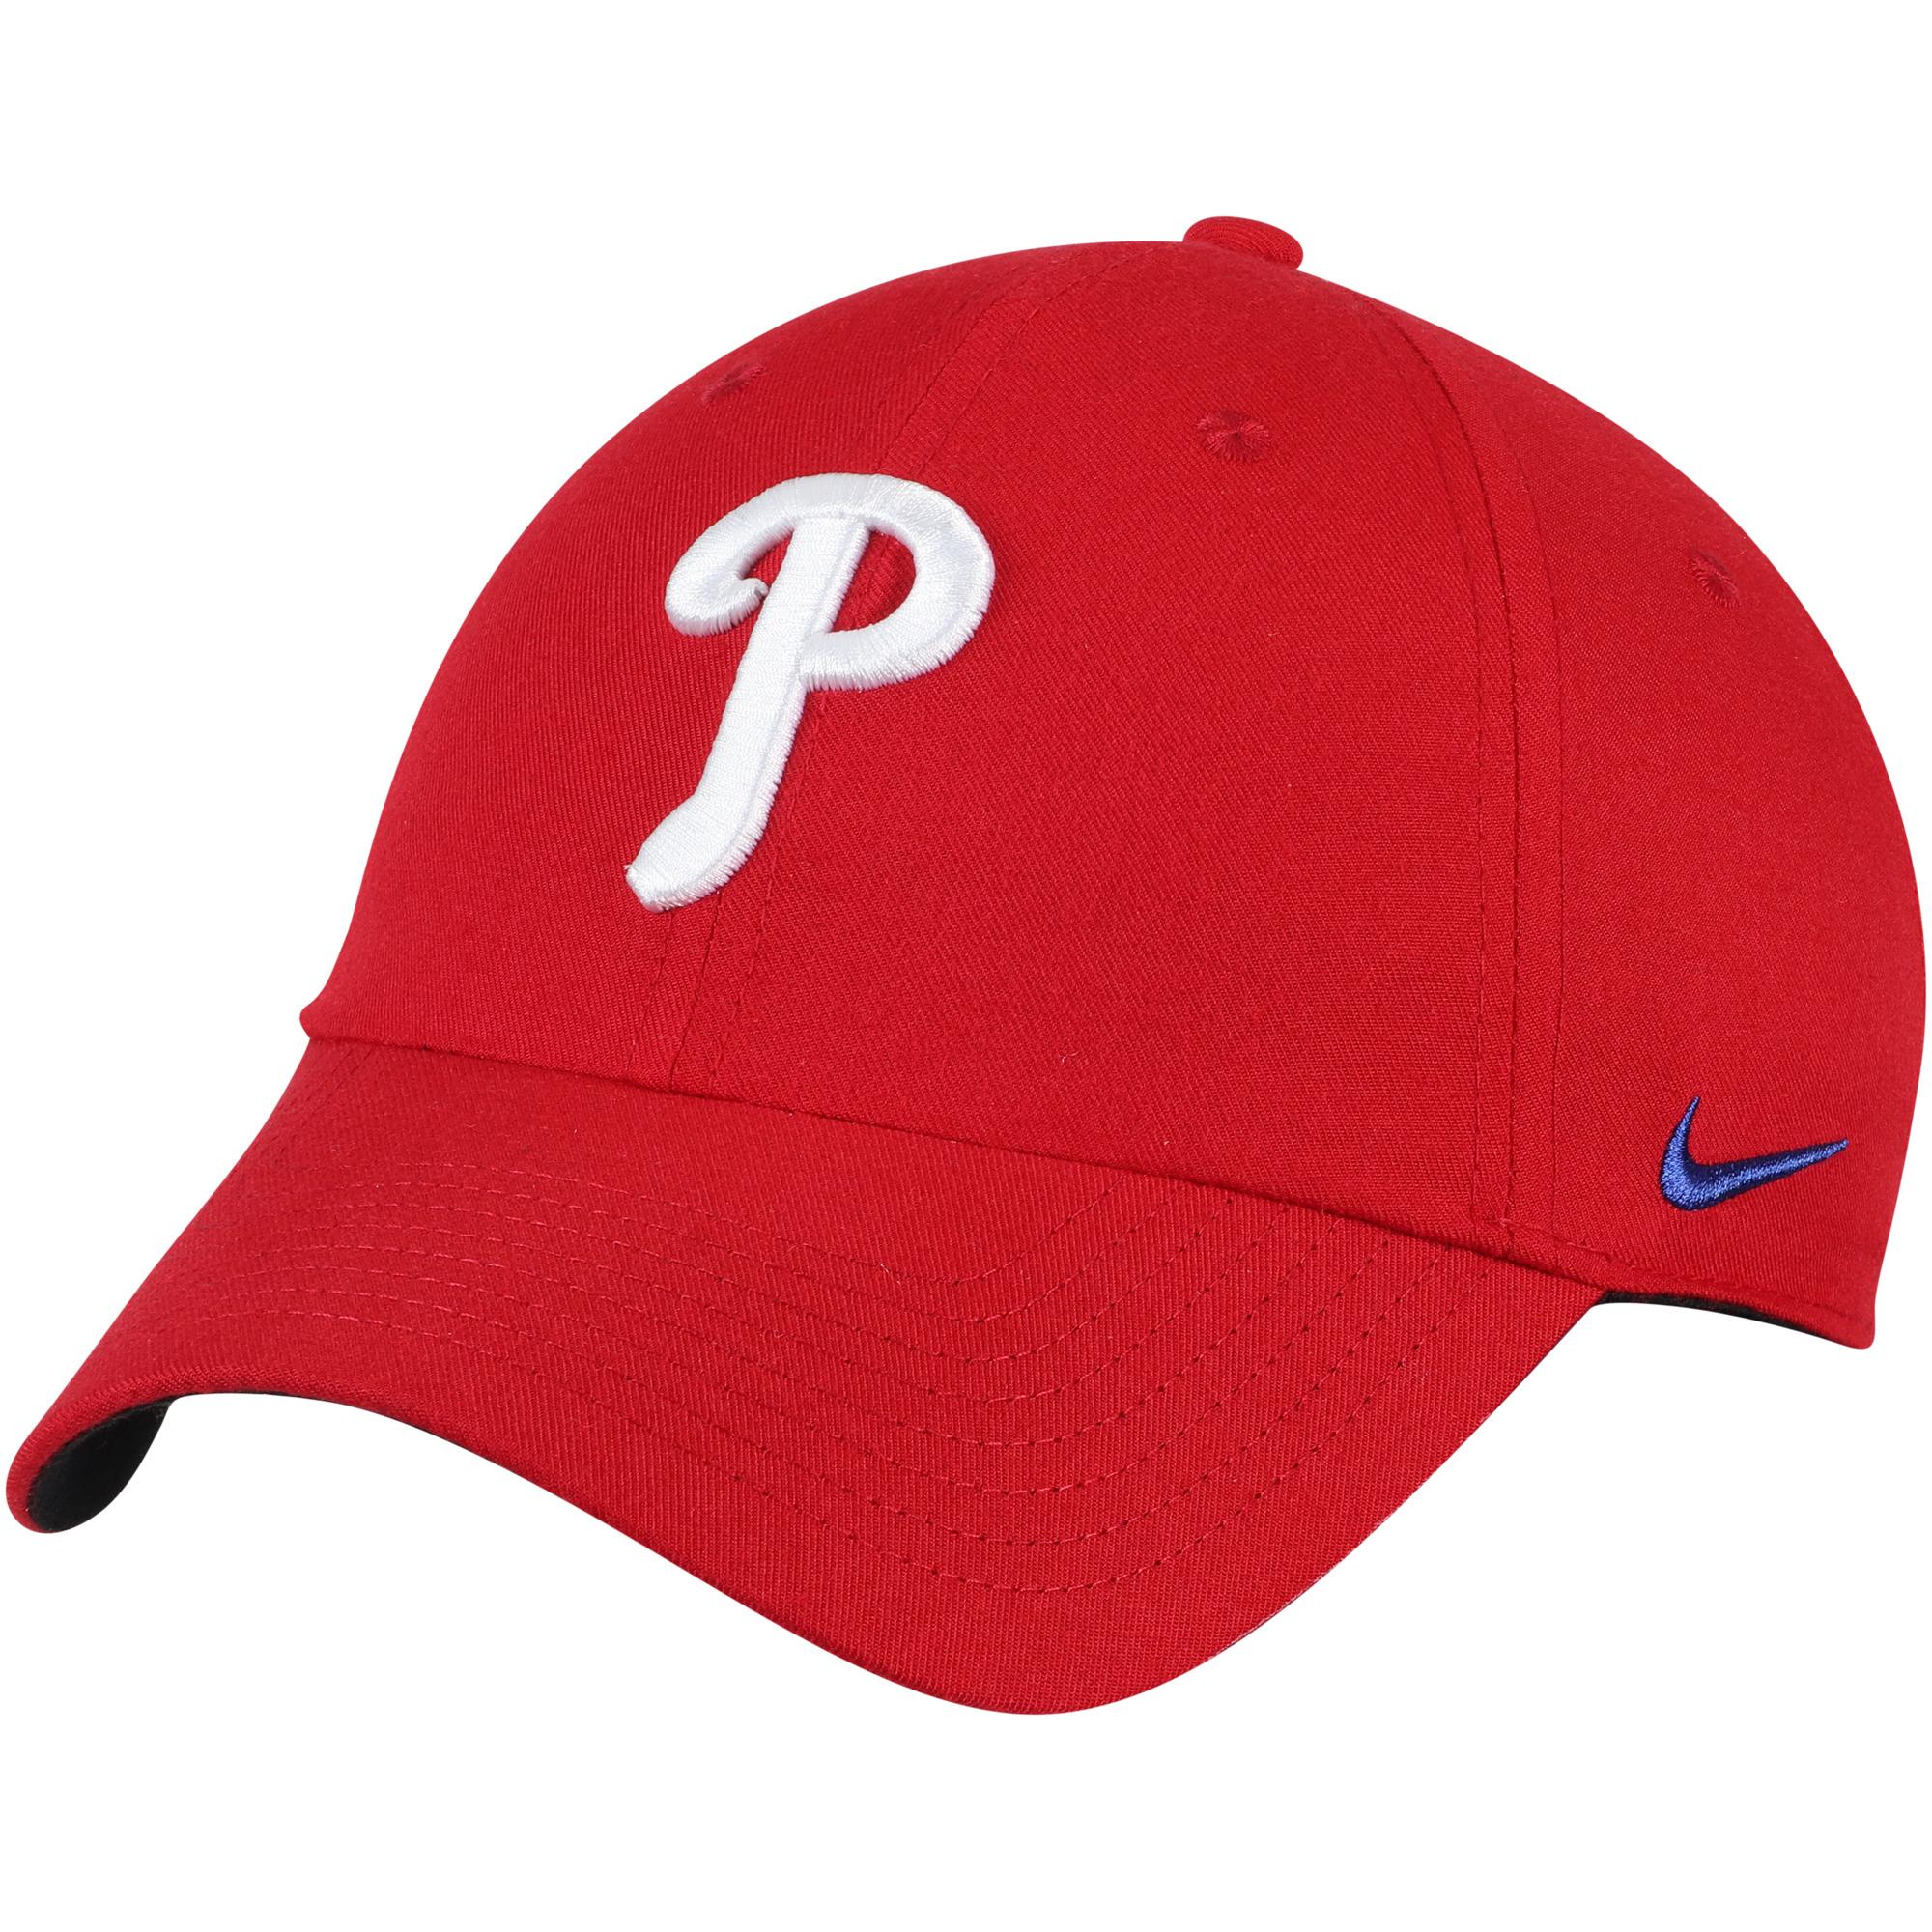 Philadelphia Phillies Nike Heritage 86 Stadium Performance Adjustable Hat - Red - OSFA